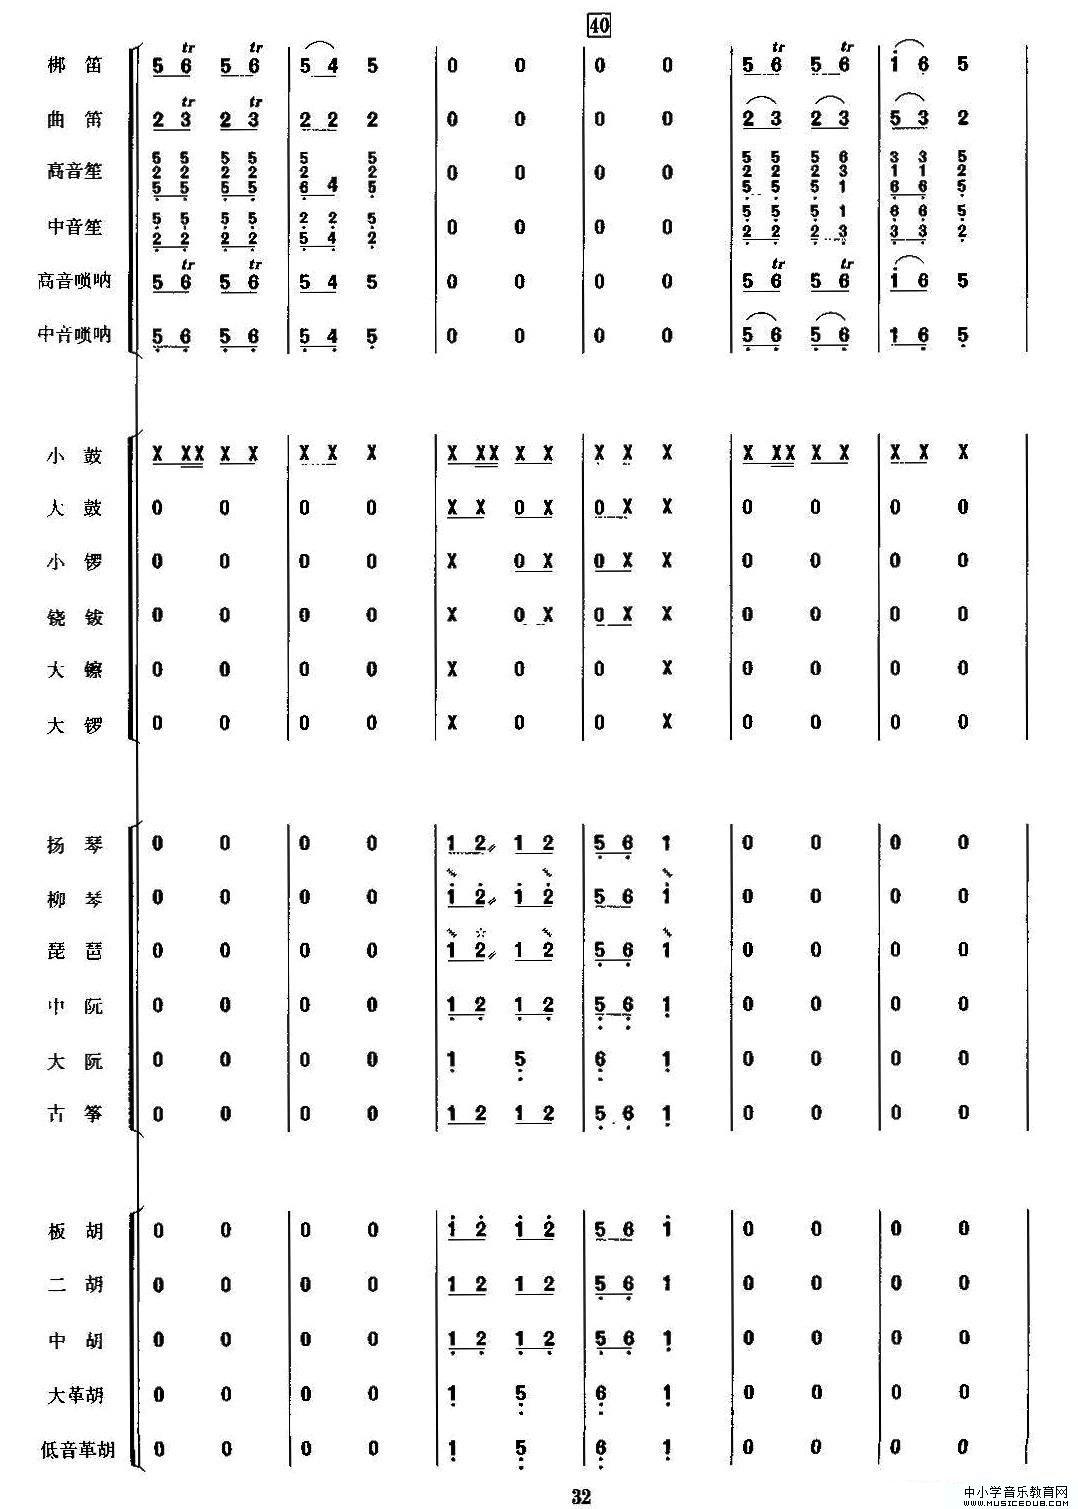 金蛇狂舞(民乐合奏总谱,周仲康配器版)(1)_原文件名:j7.jpg